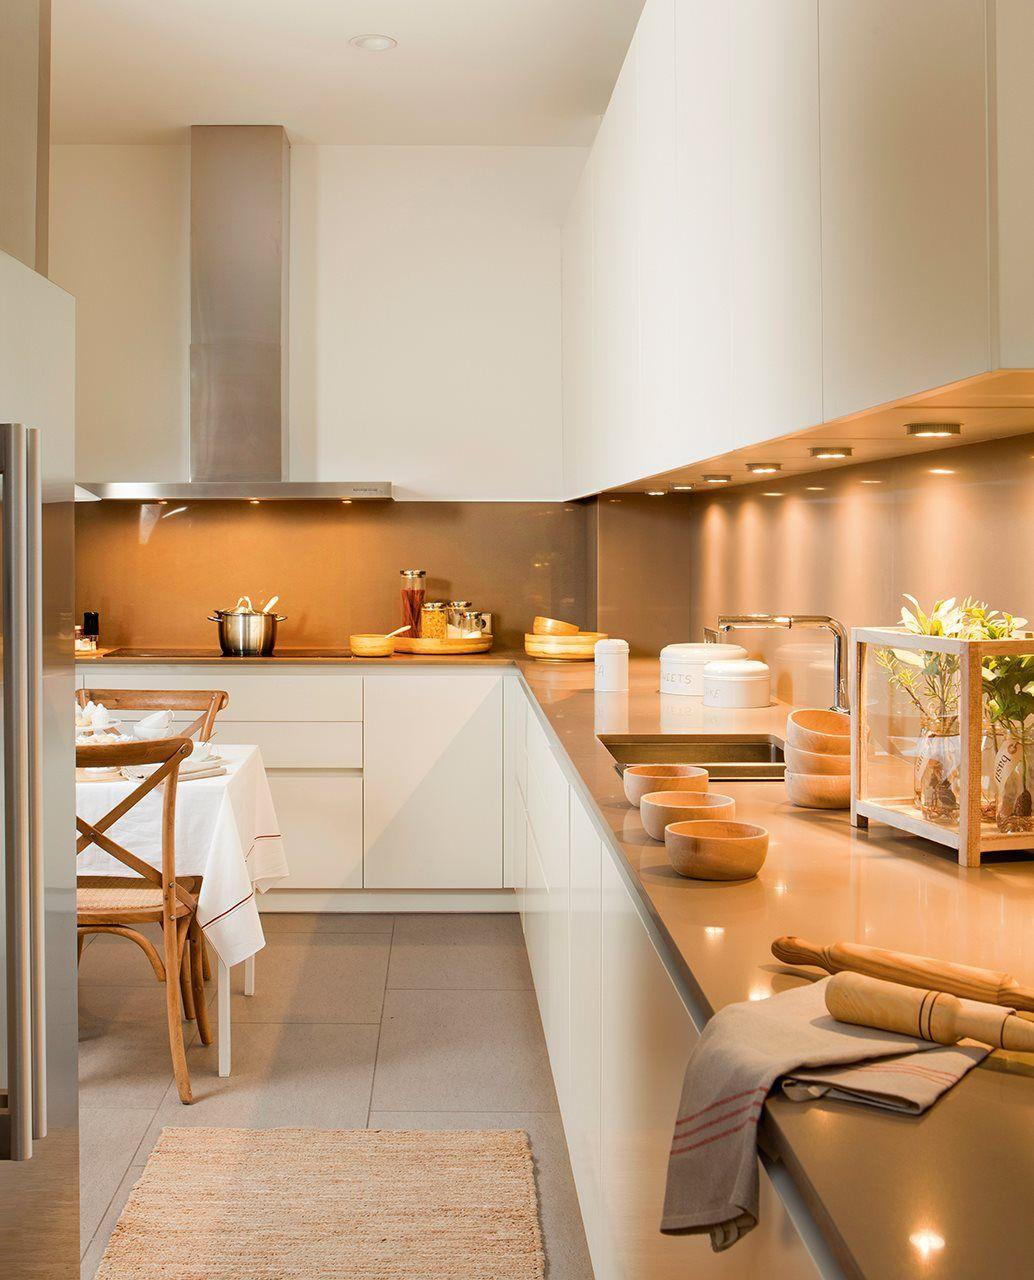 Cocina con focos bajo los armarios altos. Cocina con armarios ...